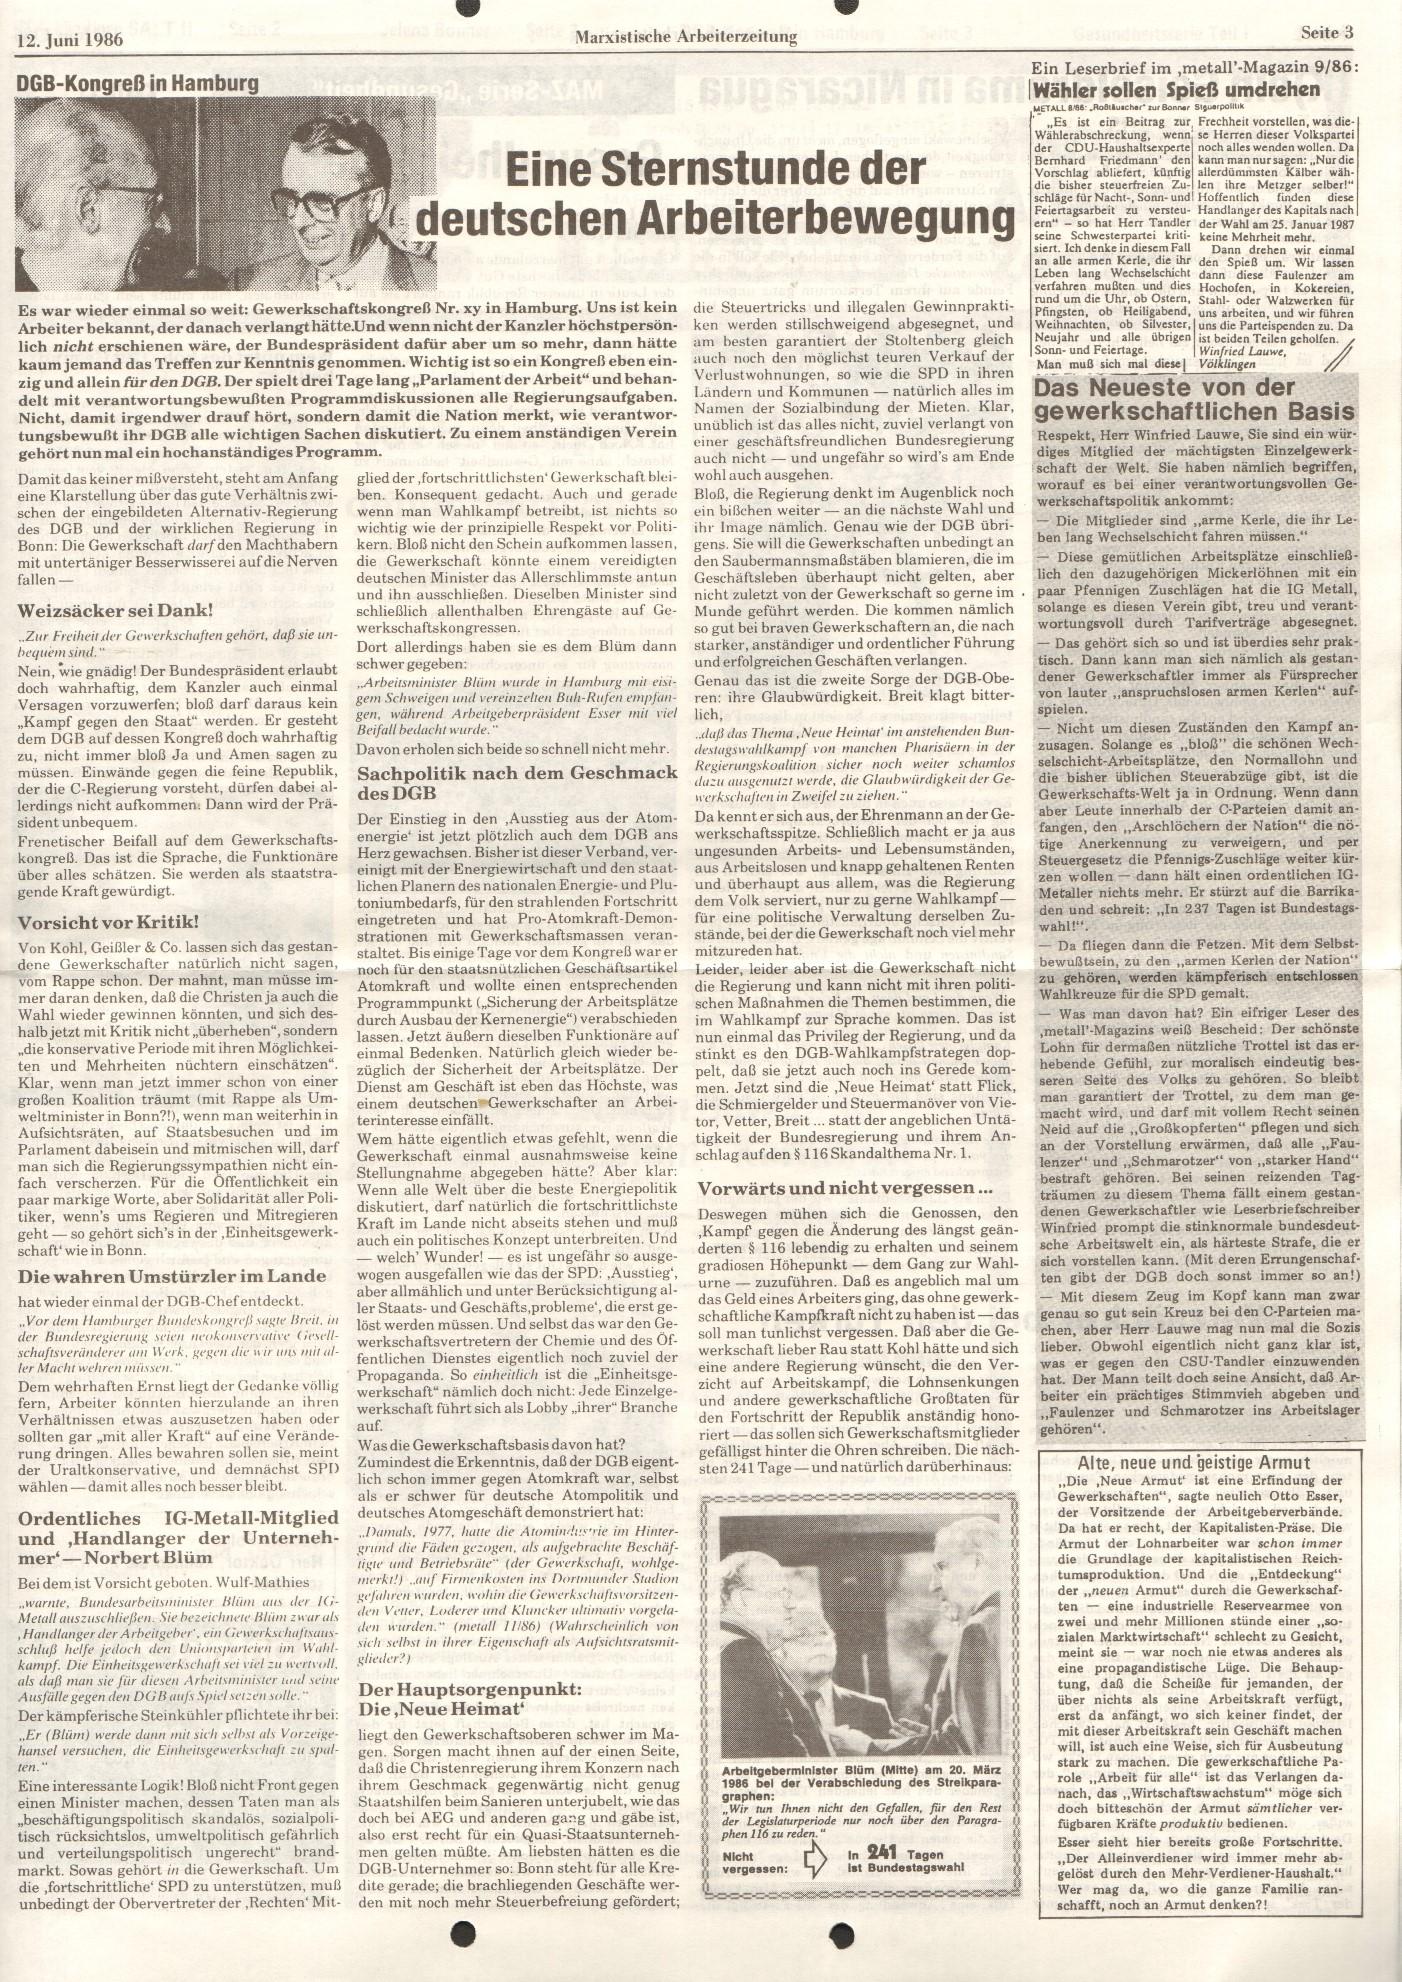 Ruhrgebiet_MG_Marxistische_Arbeiterzeitung_Berufsschule_19860612_03